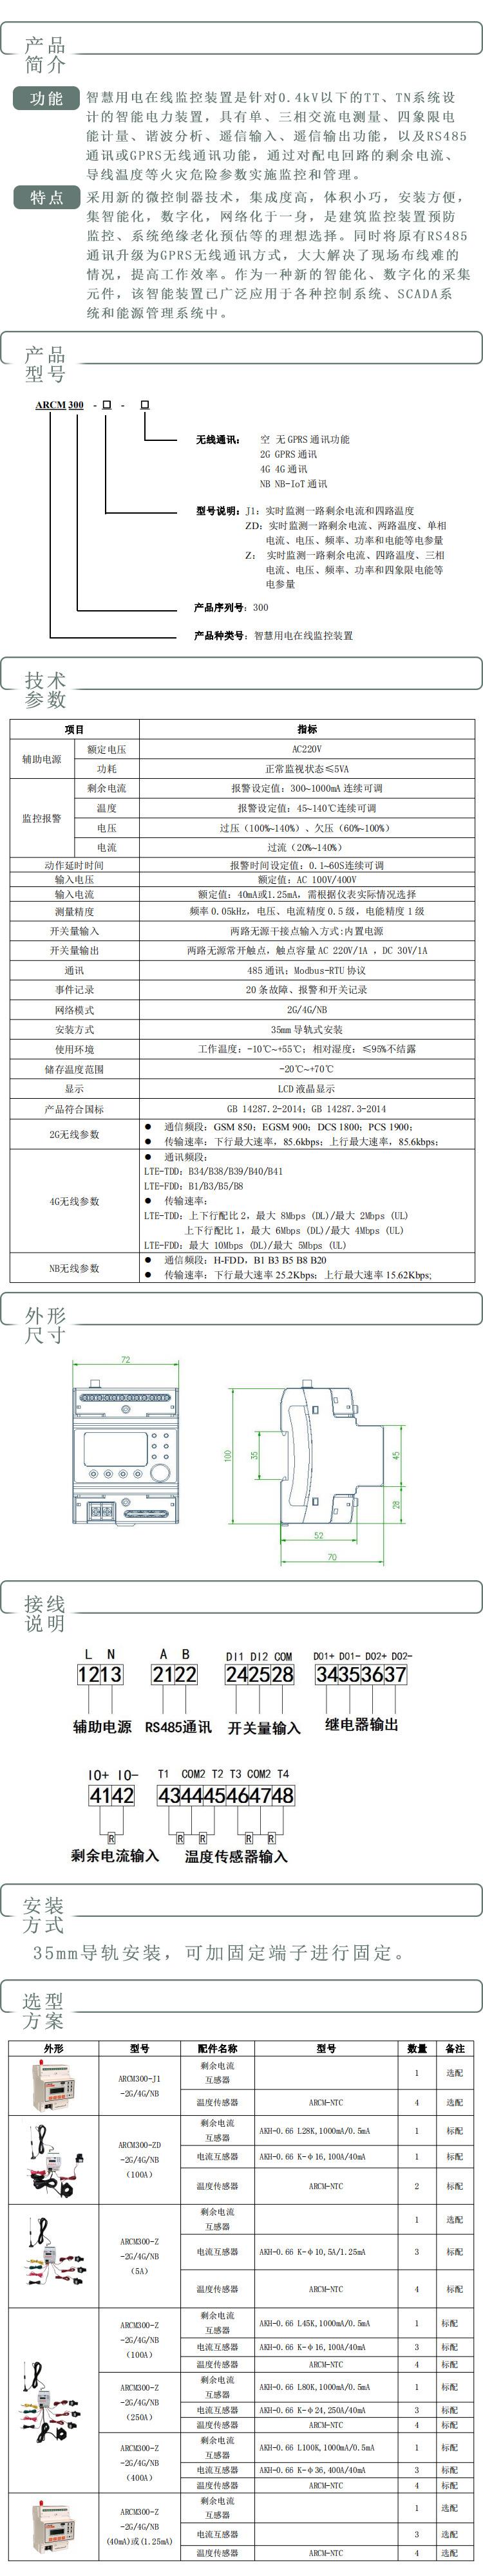 智慧用电ARCM300-Z-4G智慧猪圈电气火灾探测器